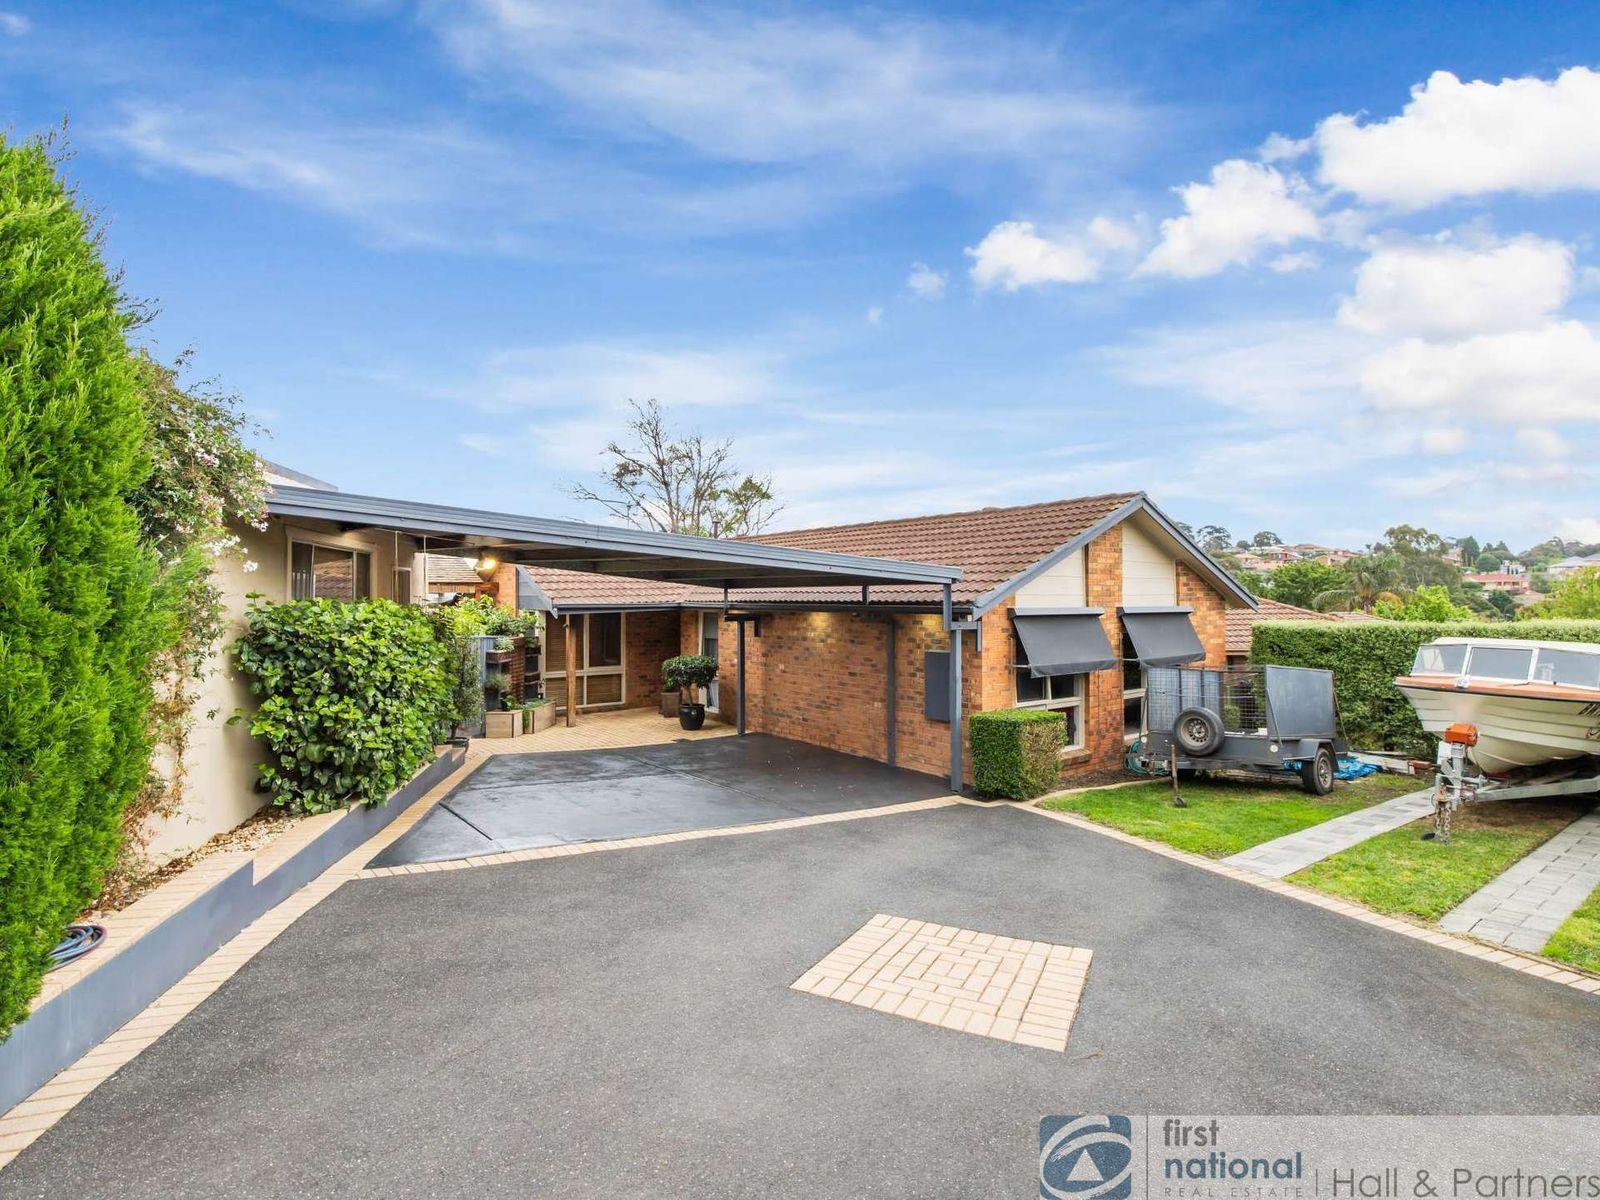 8 Embley Glade, Endeavour Hills, VIC 3802